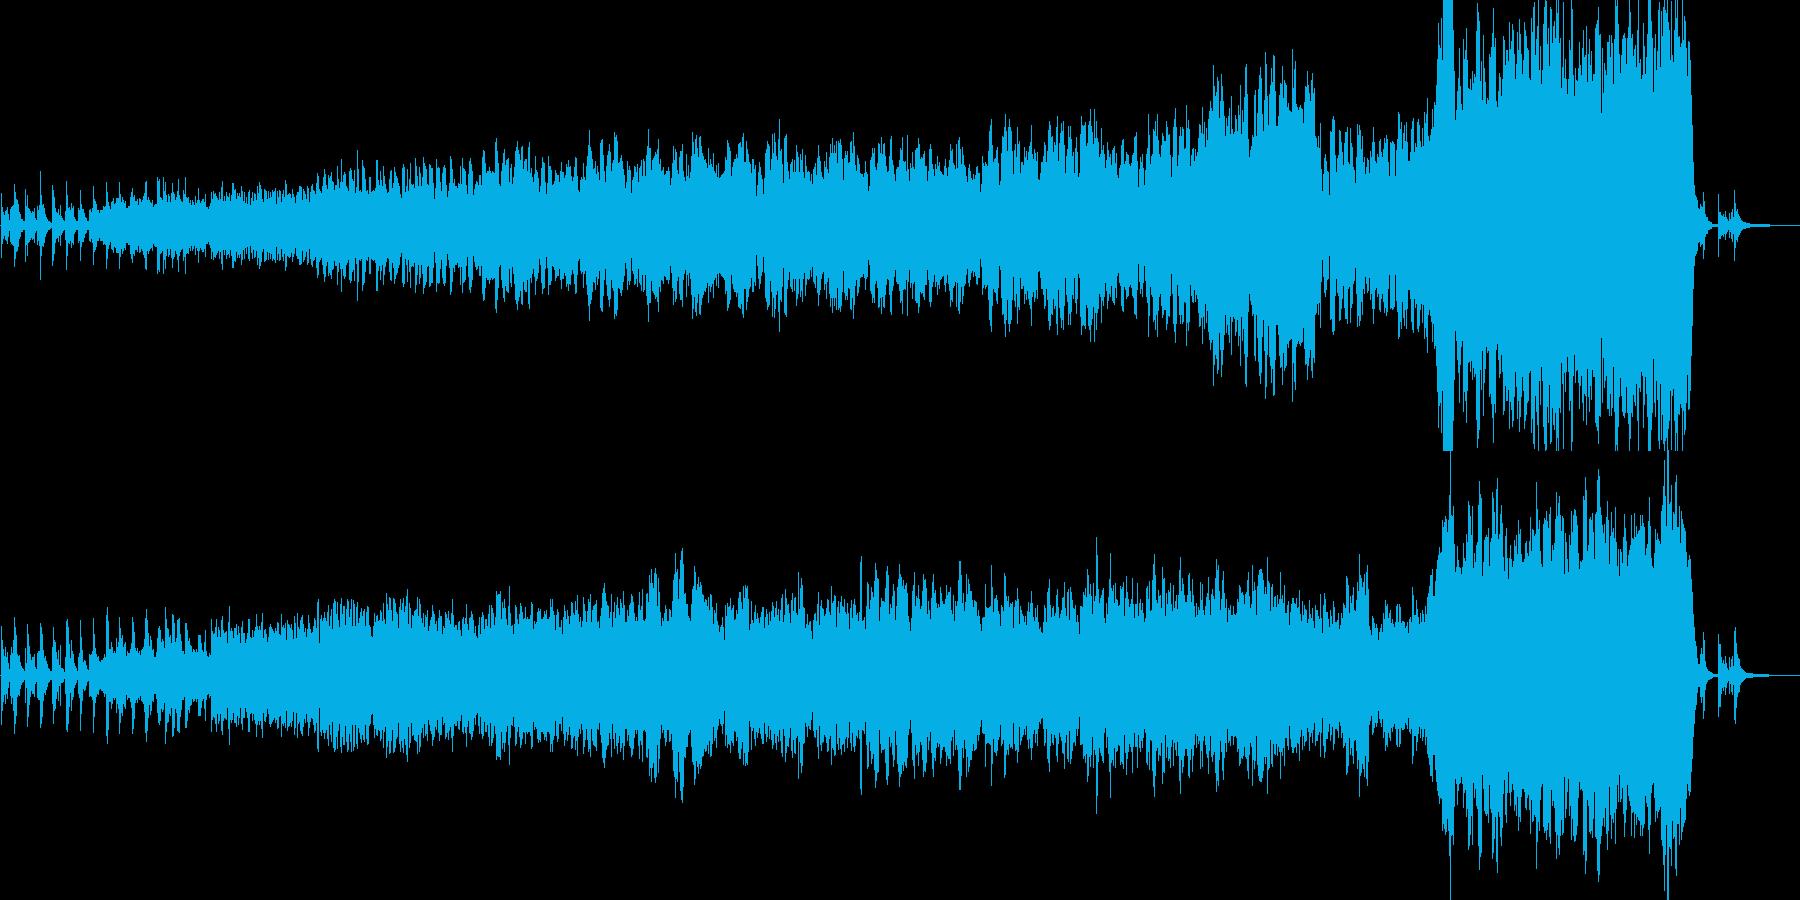 静かに始まり勇壮に盛り上がっていくBGMの再生済みの波形